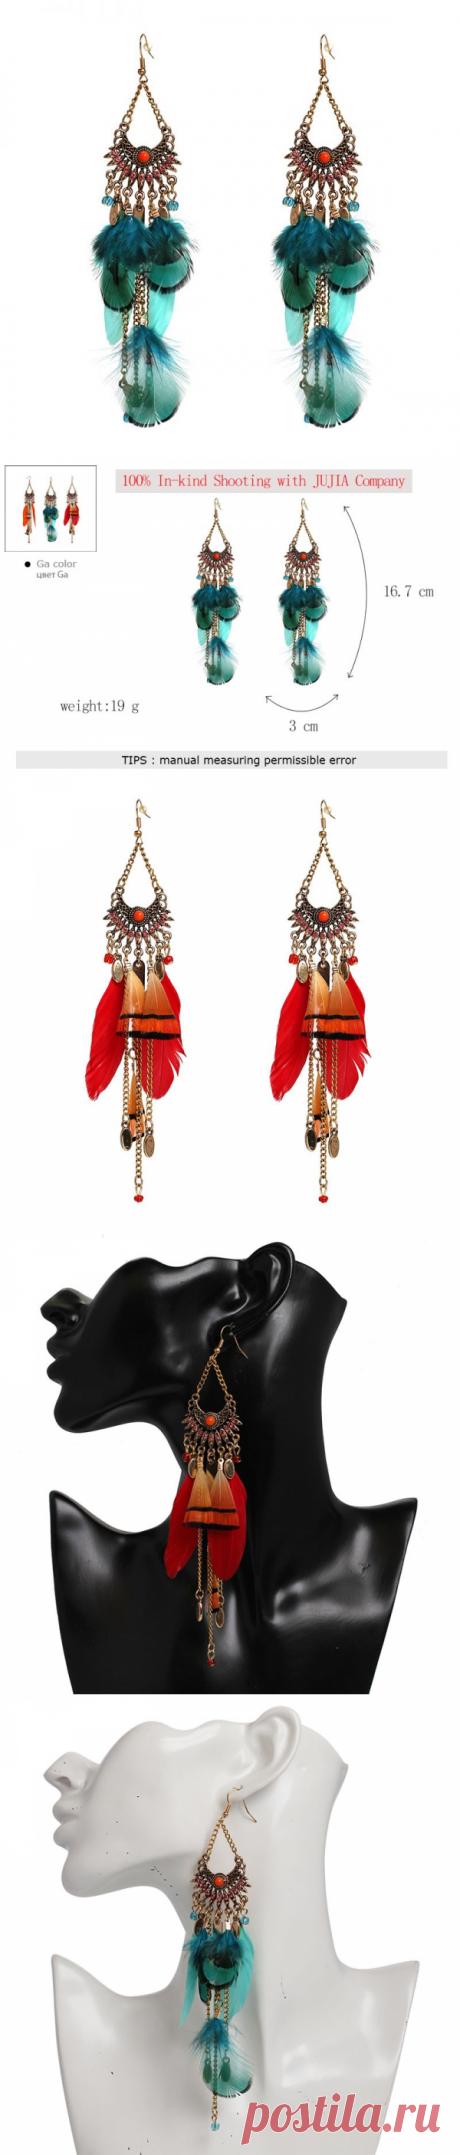 3 цвета Новые серьги ожерелья женщин способа женщин перьев устанавливают для серьги стержня девушки девушки девушки